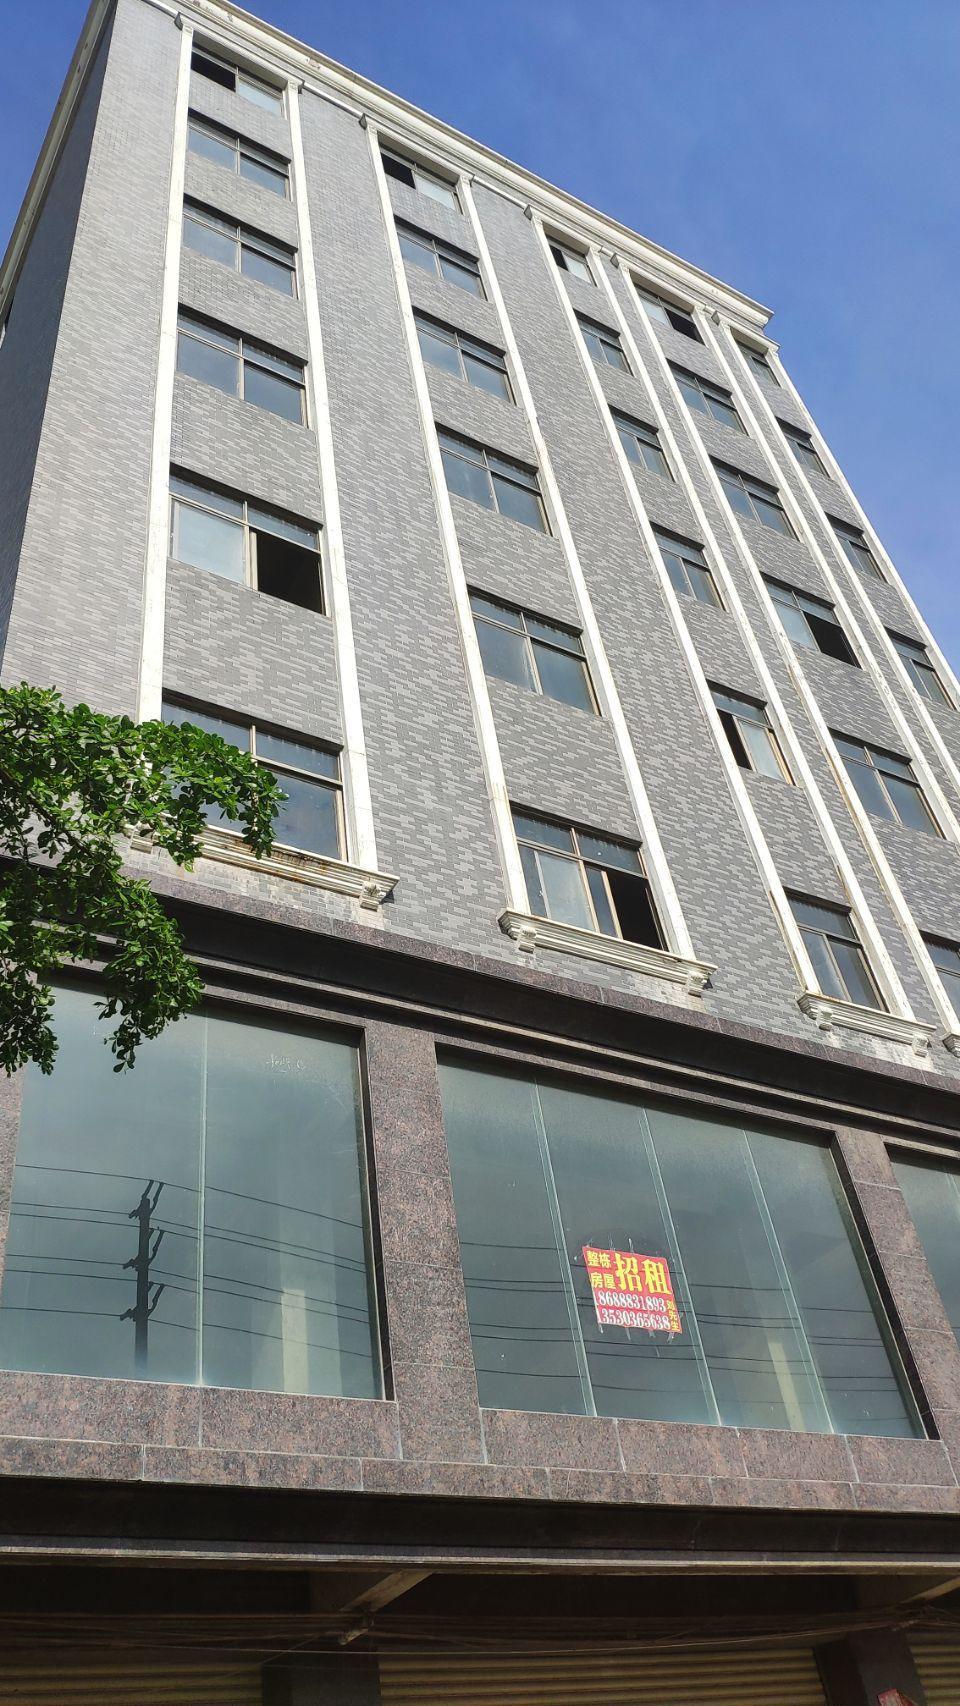 惠州龙溪旺区公寓酒店楼出租